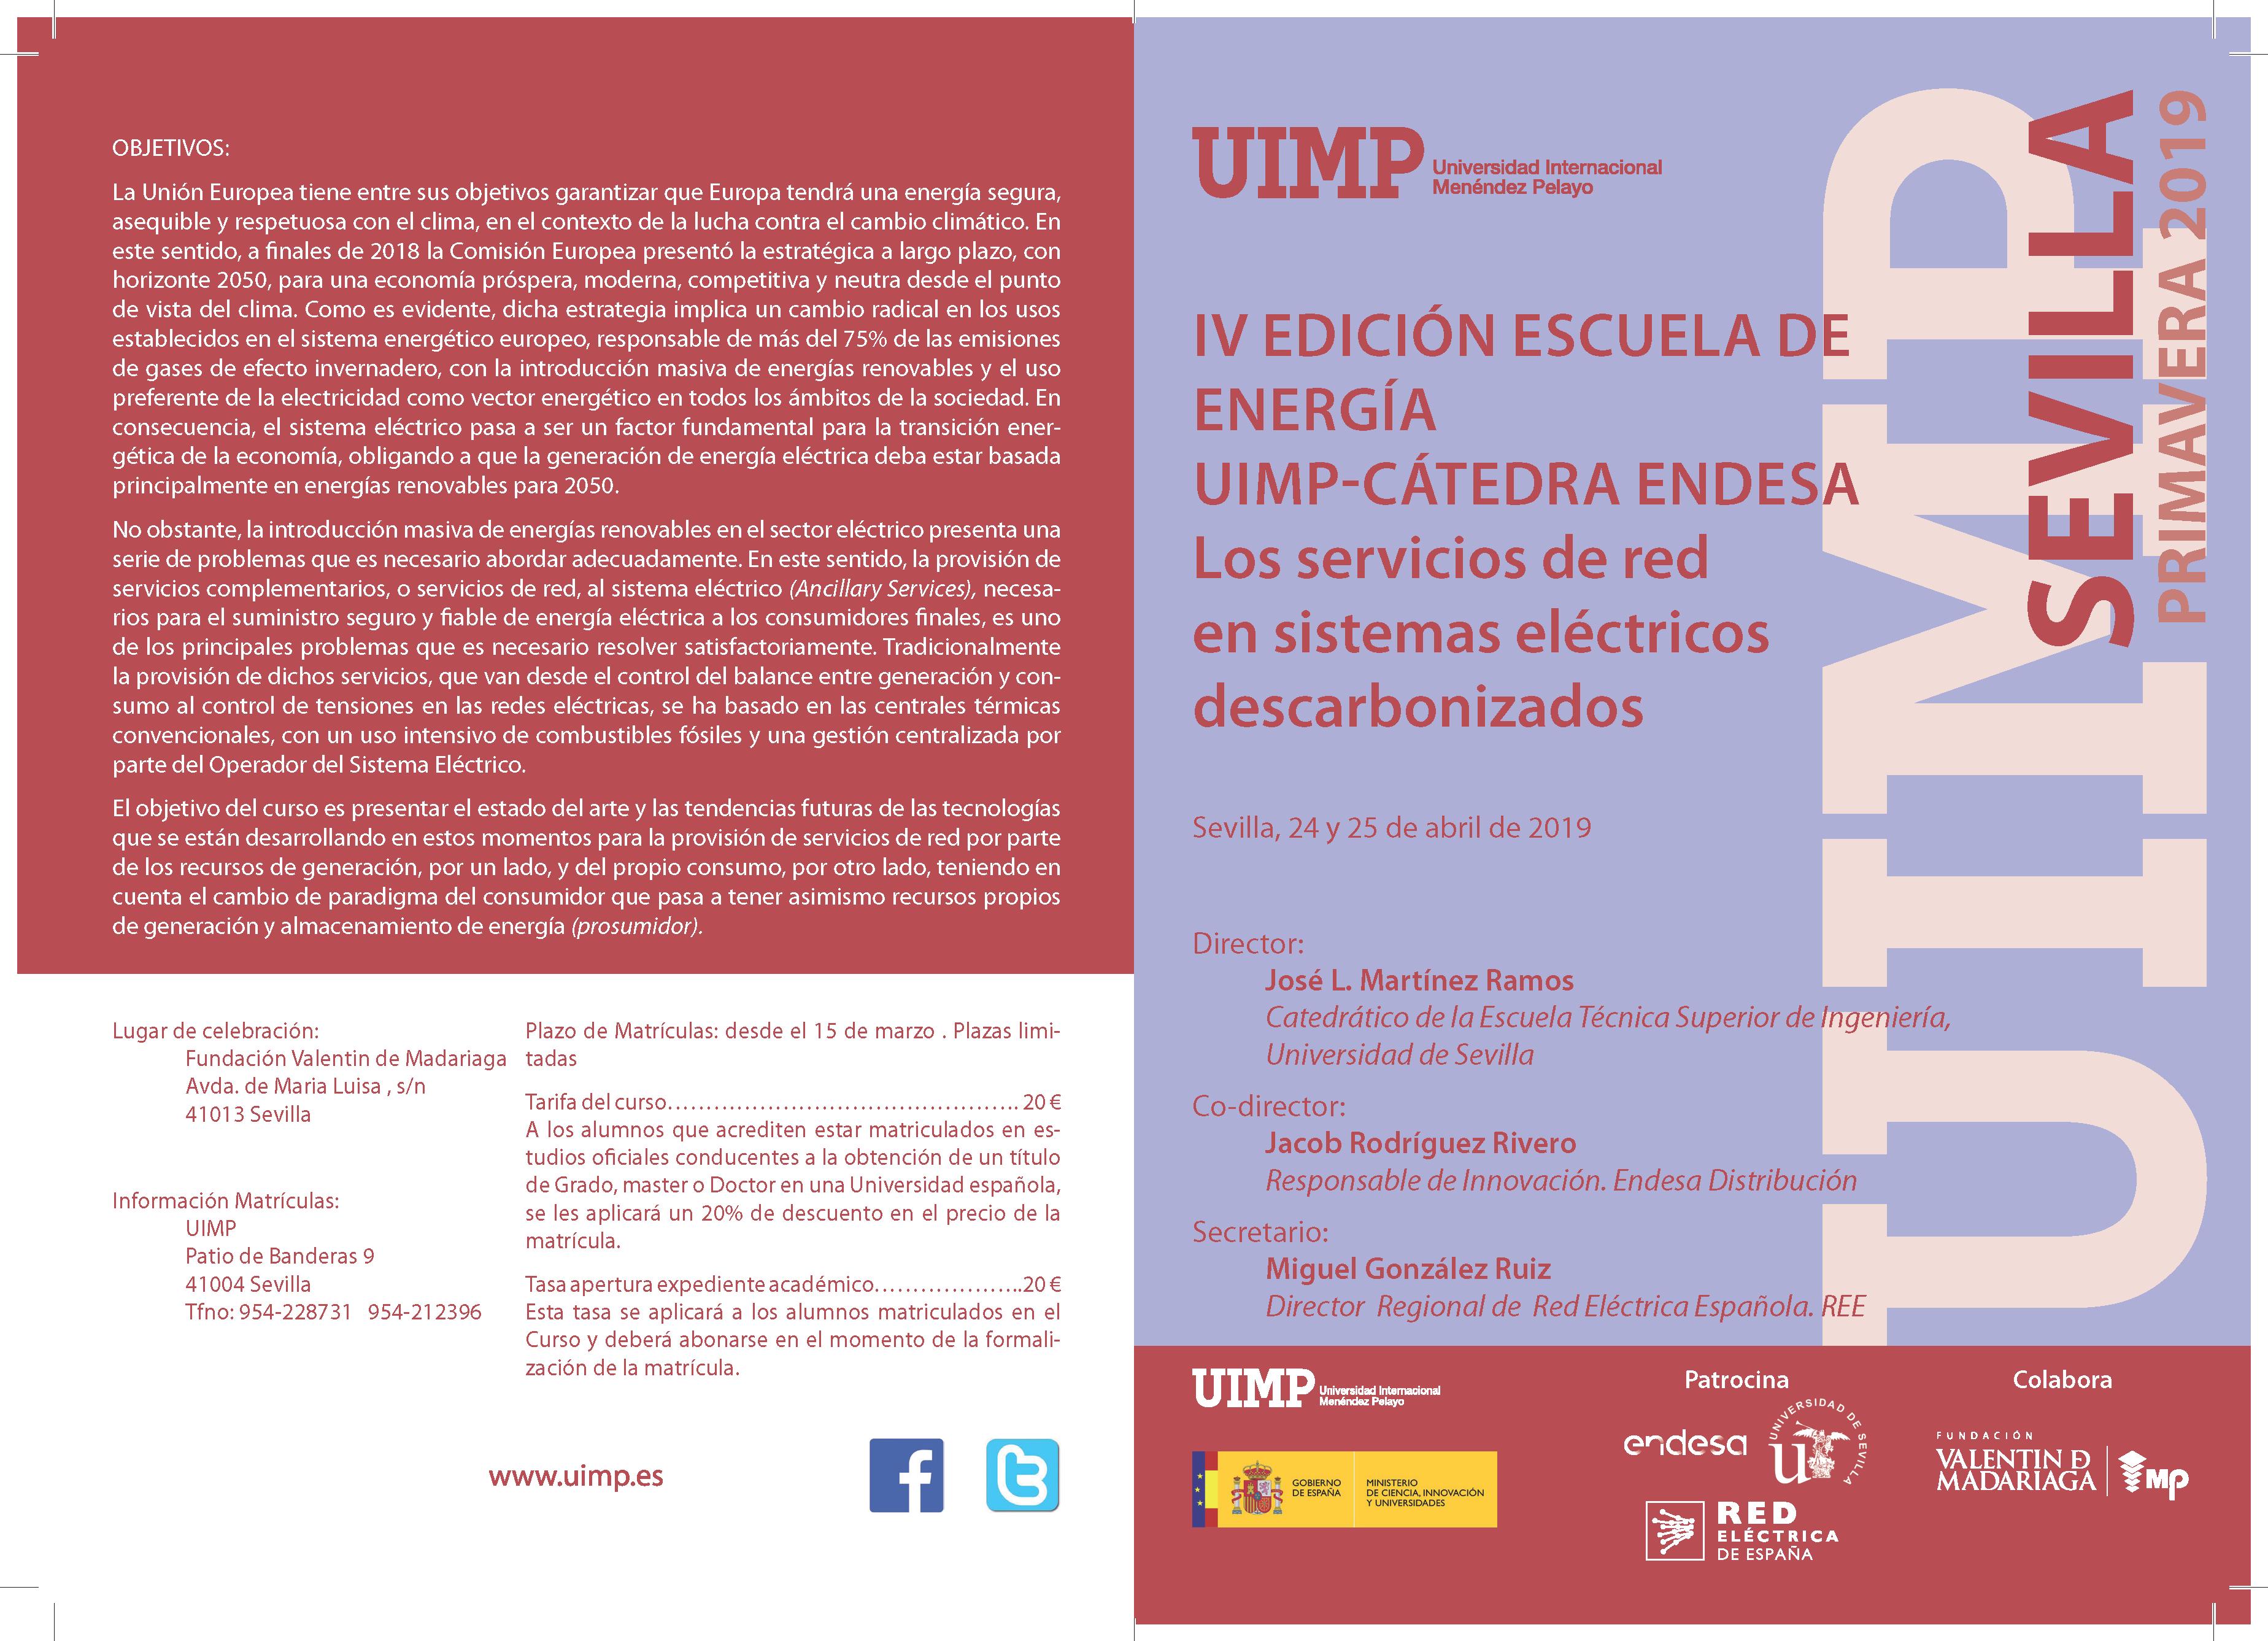 Sevilla UIMP-Catedra Endesa. Los servicios de red en sistemas electricos descarbonizados